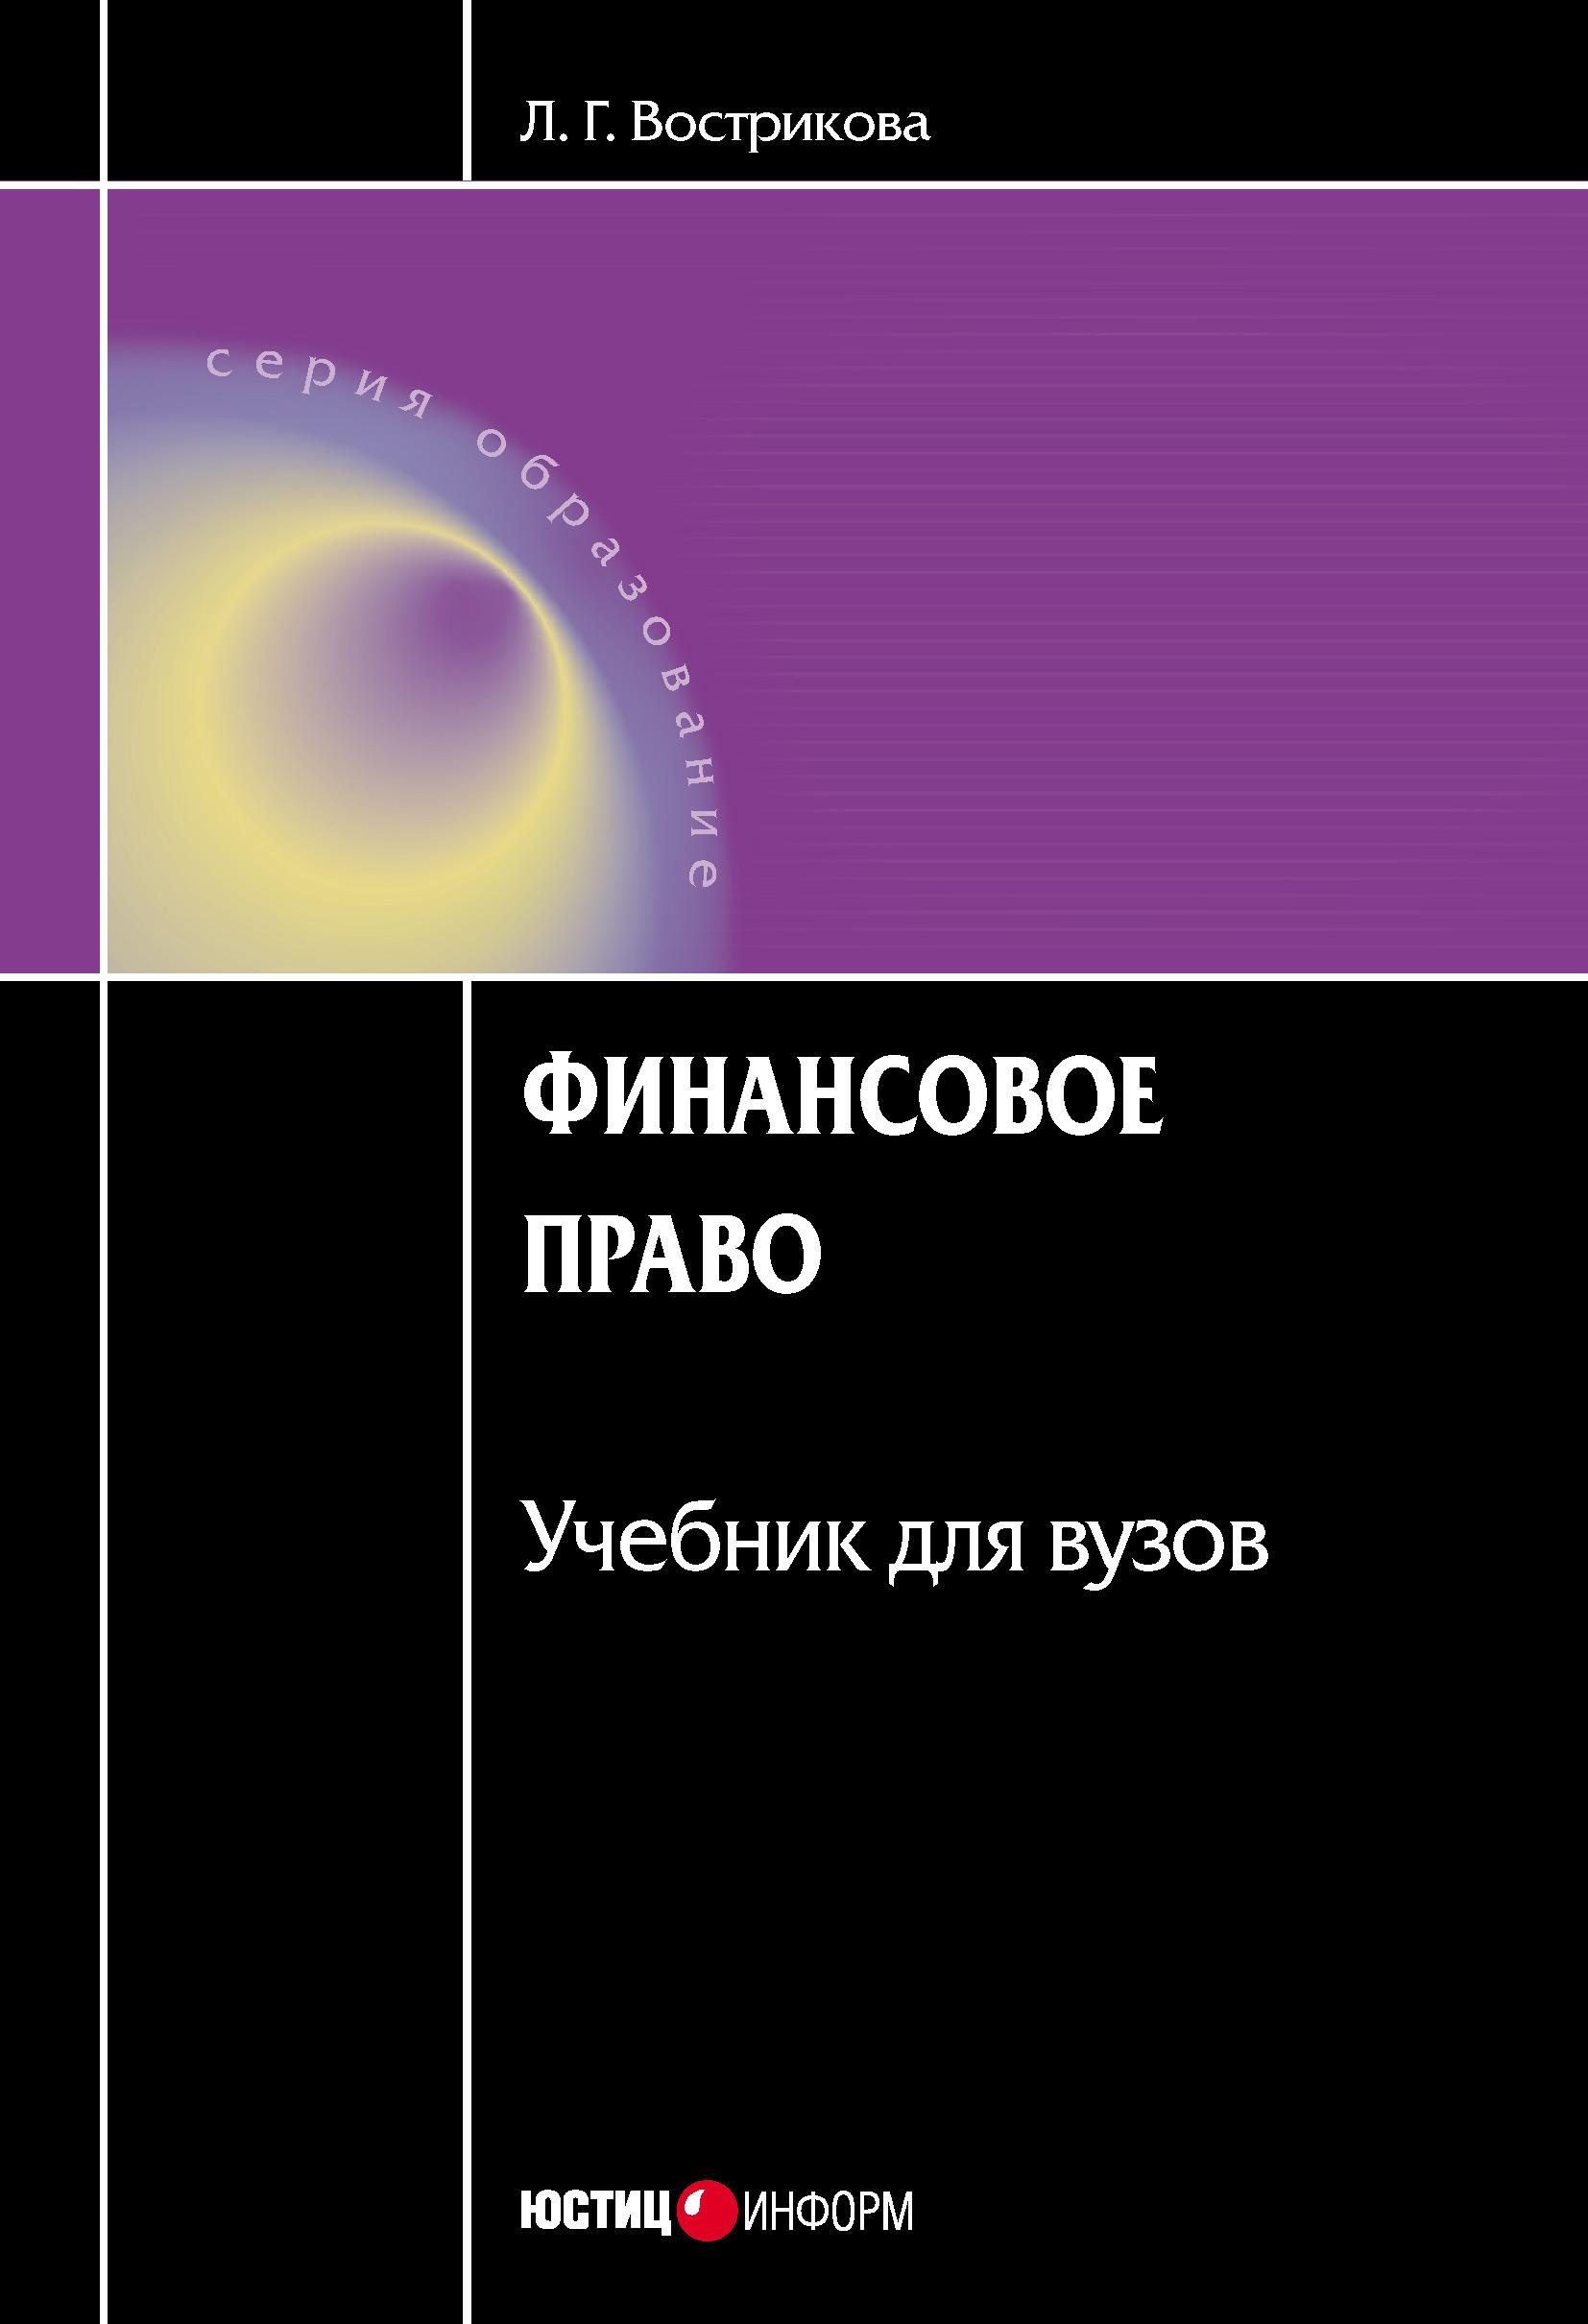 Л. Г. Вострикова Финансовое право шипика лидия васильевна налоговое право для студентов вузов